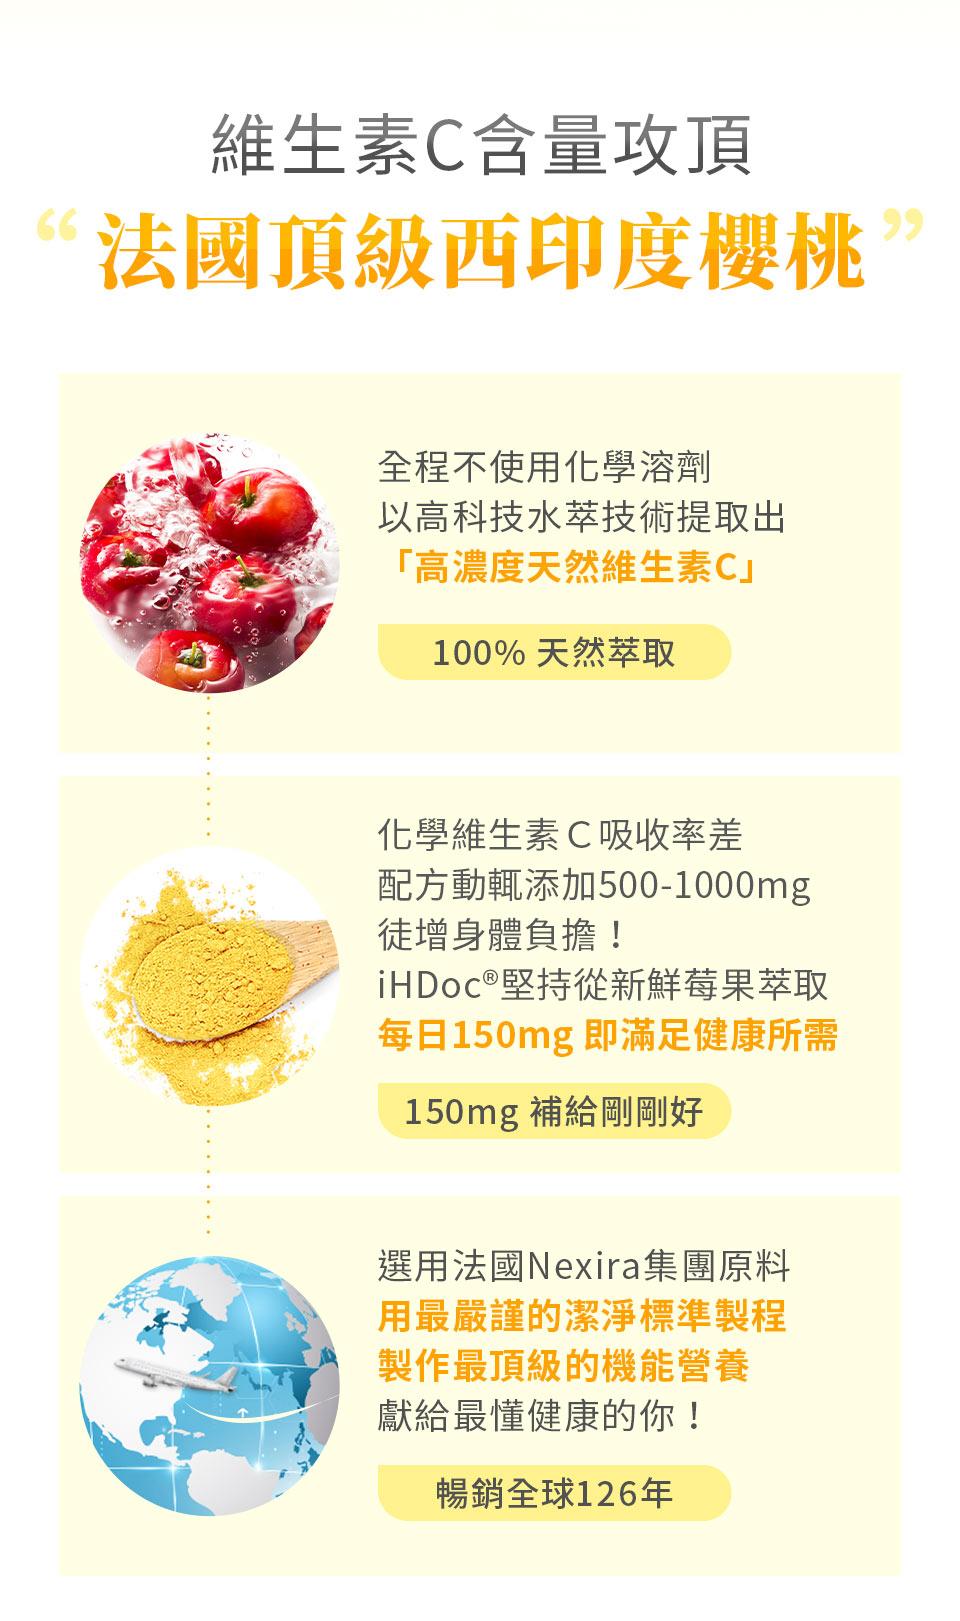 無添加香料、人工甜味劑、賦形劑、防腐劑